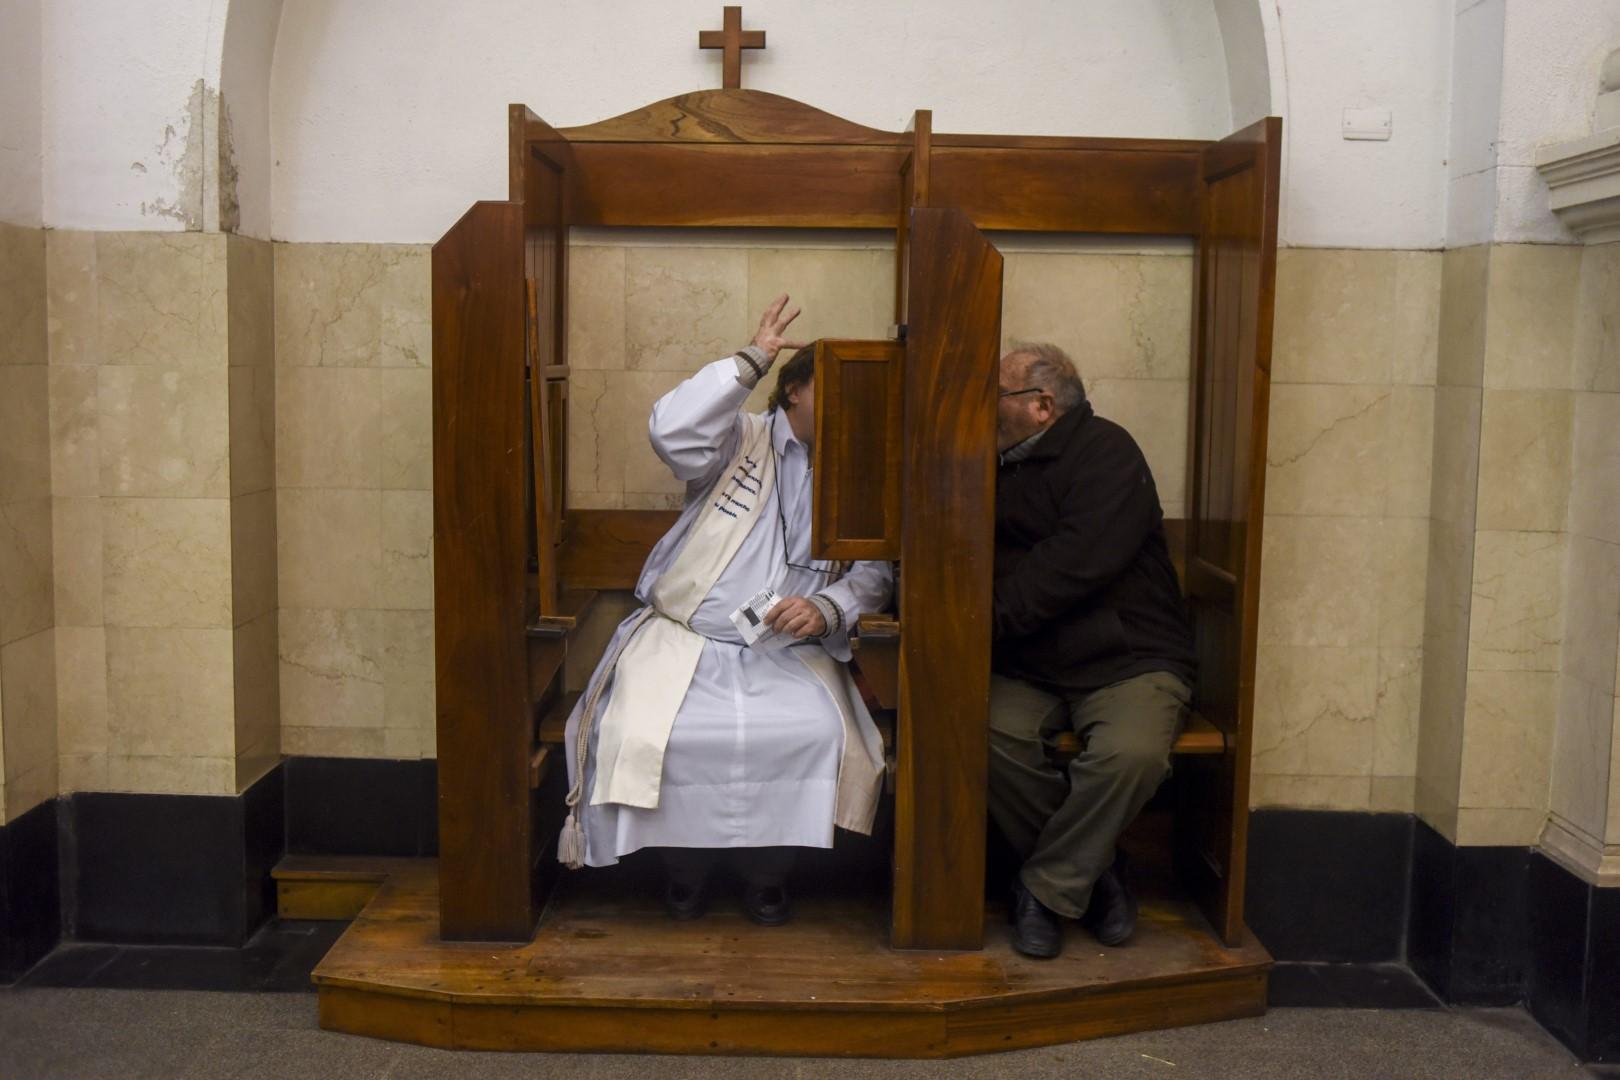 Source: catholicherald.com